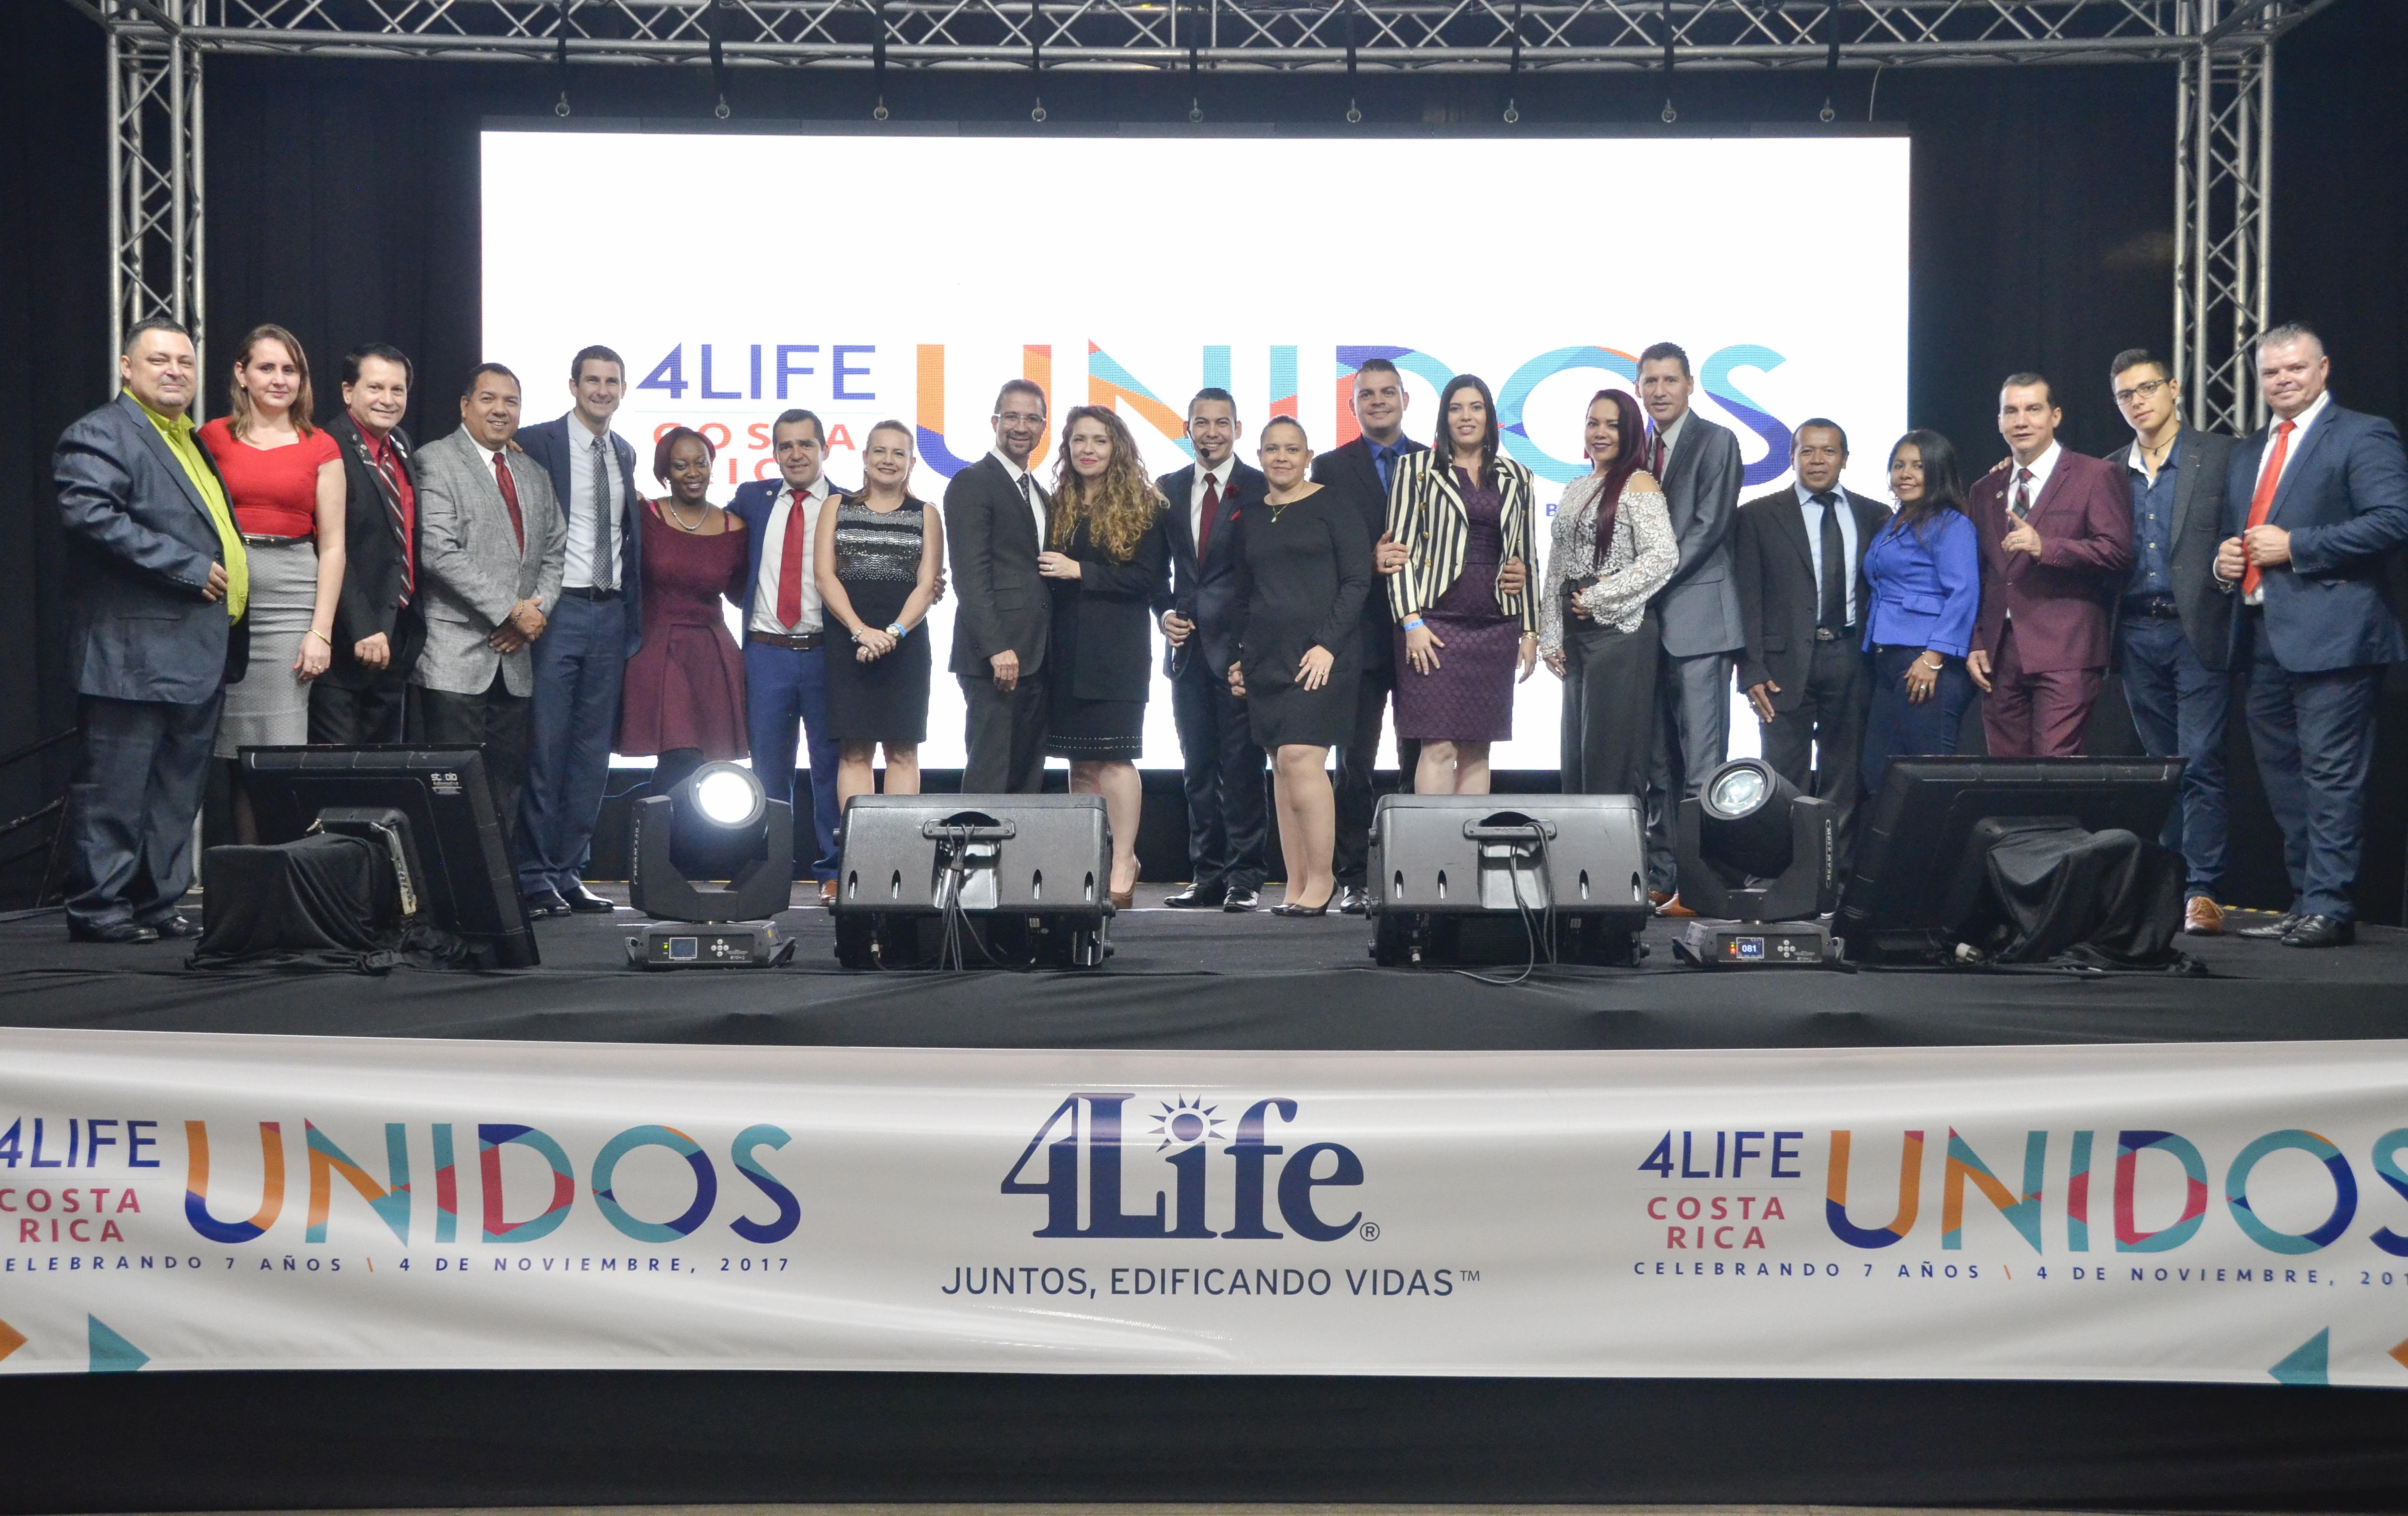 Séptimo aniversario de 4Life Costa Rica